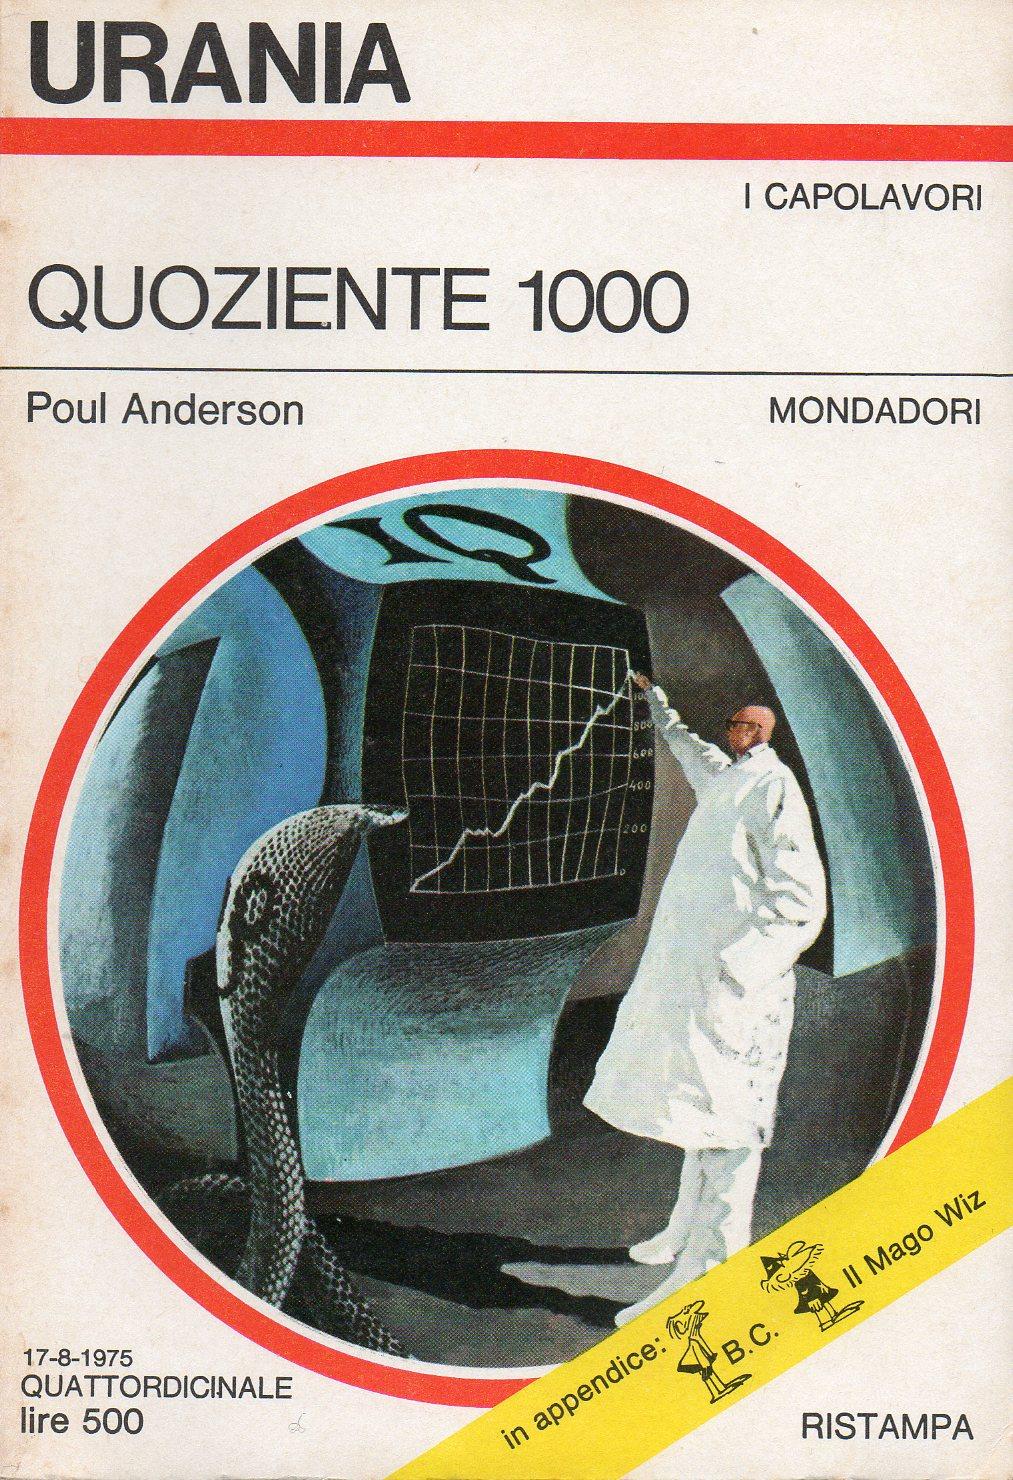 Quoziente 1000